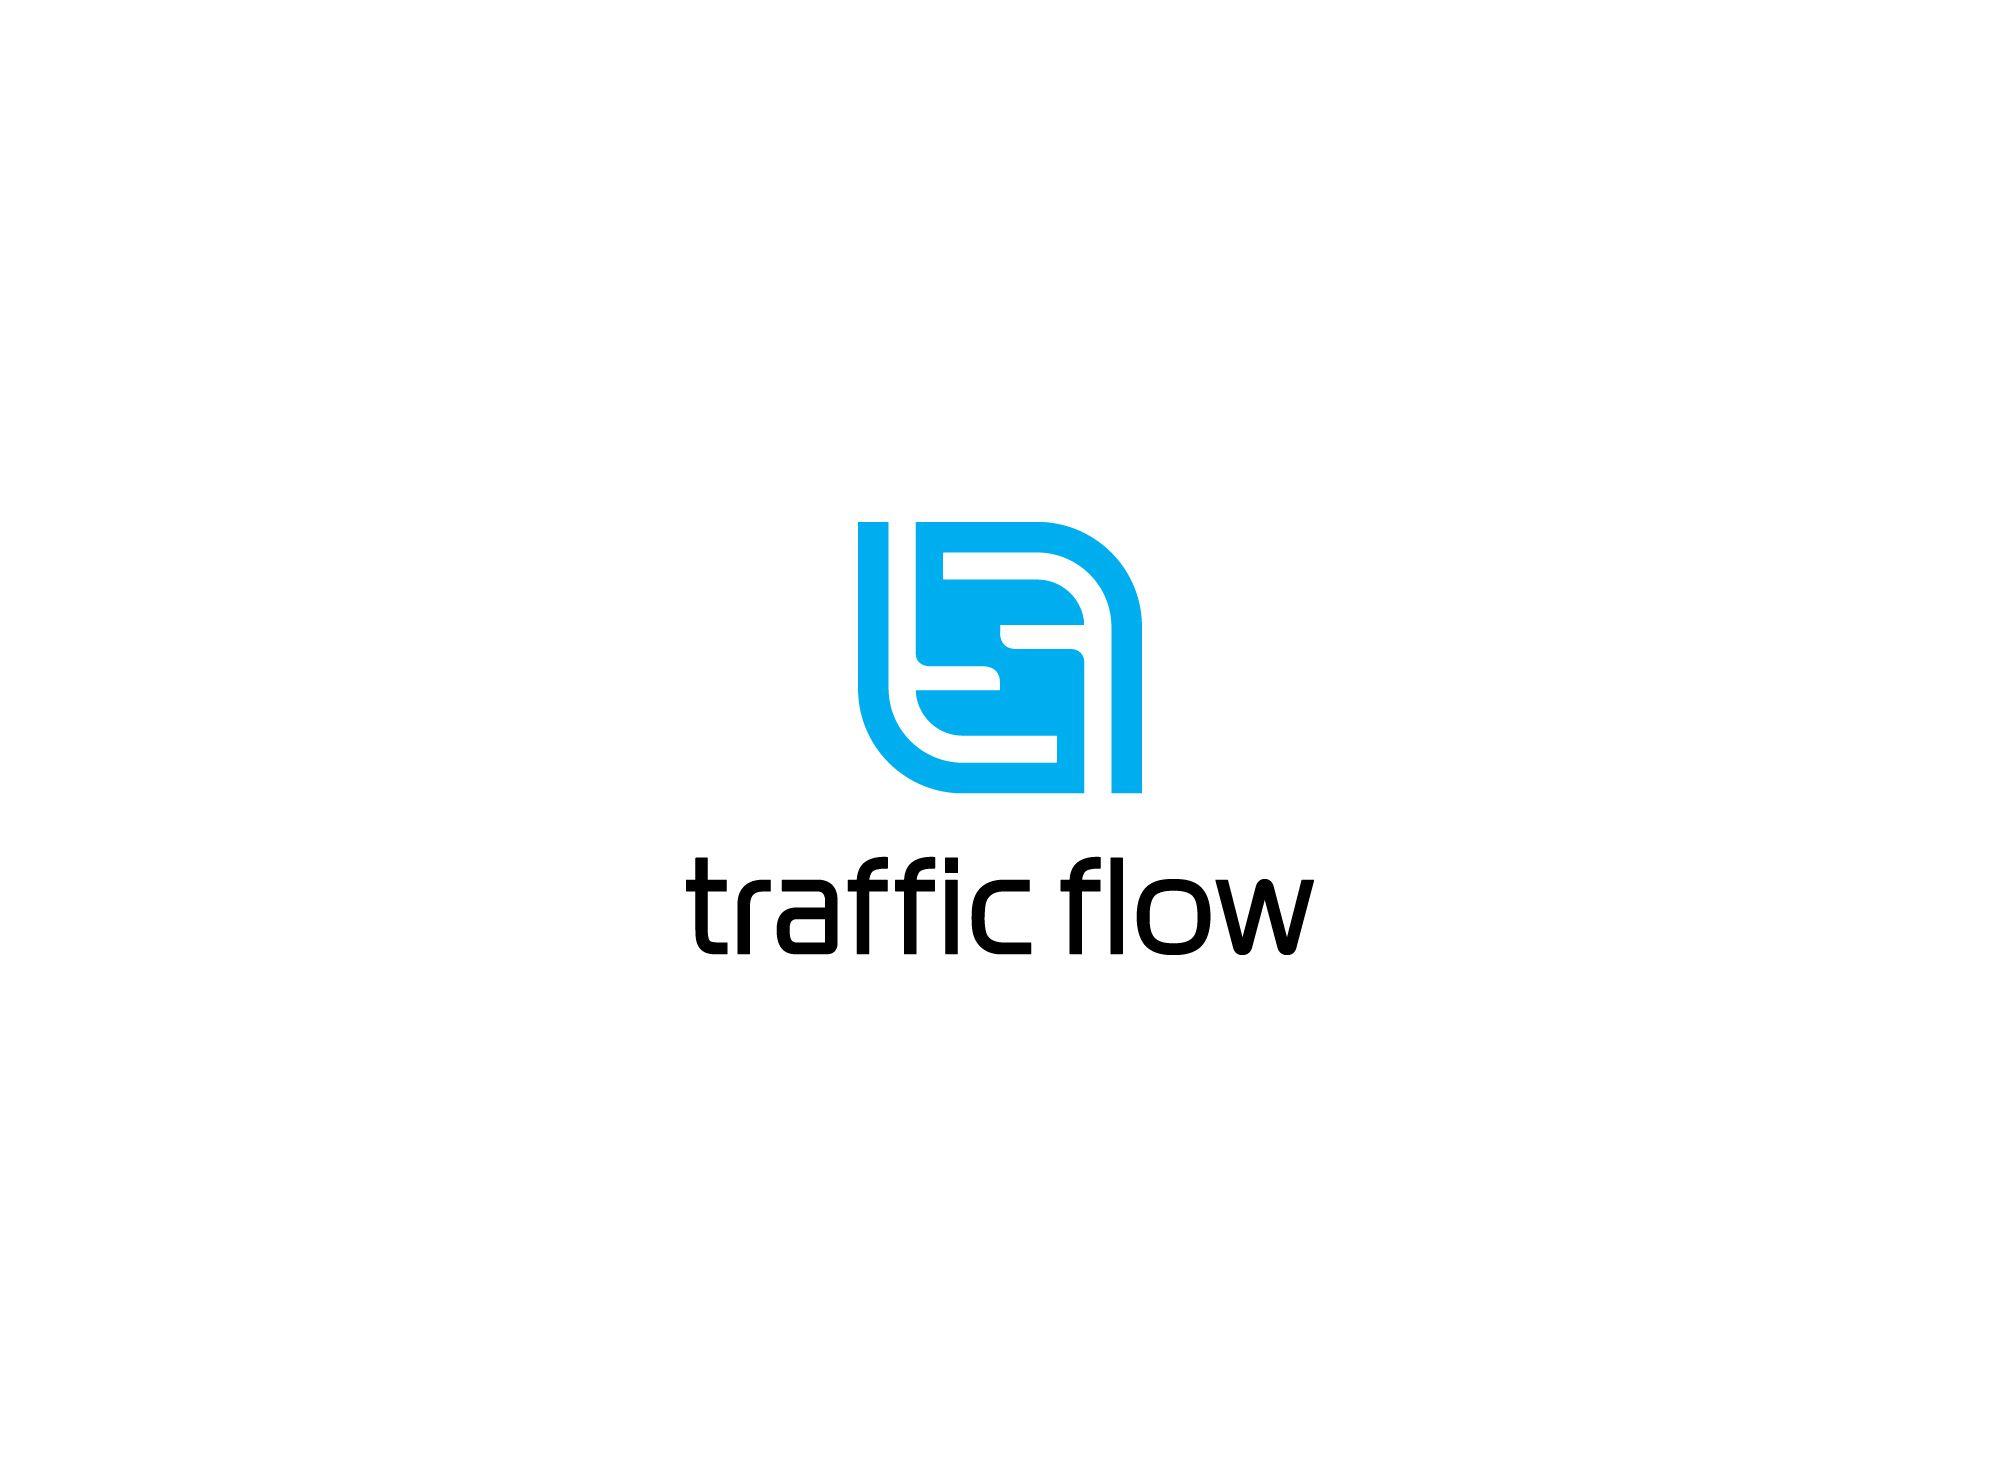 Лого и фирменный стиль для Traffic Flow - дизайнер shamaevserg